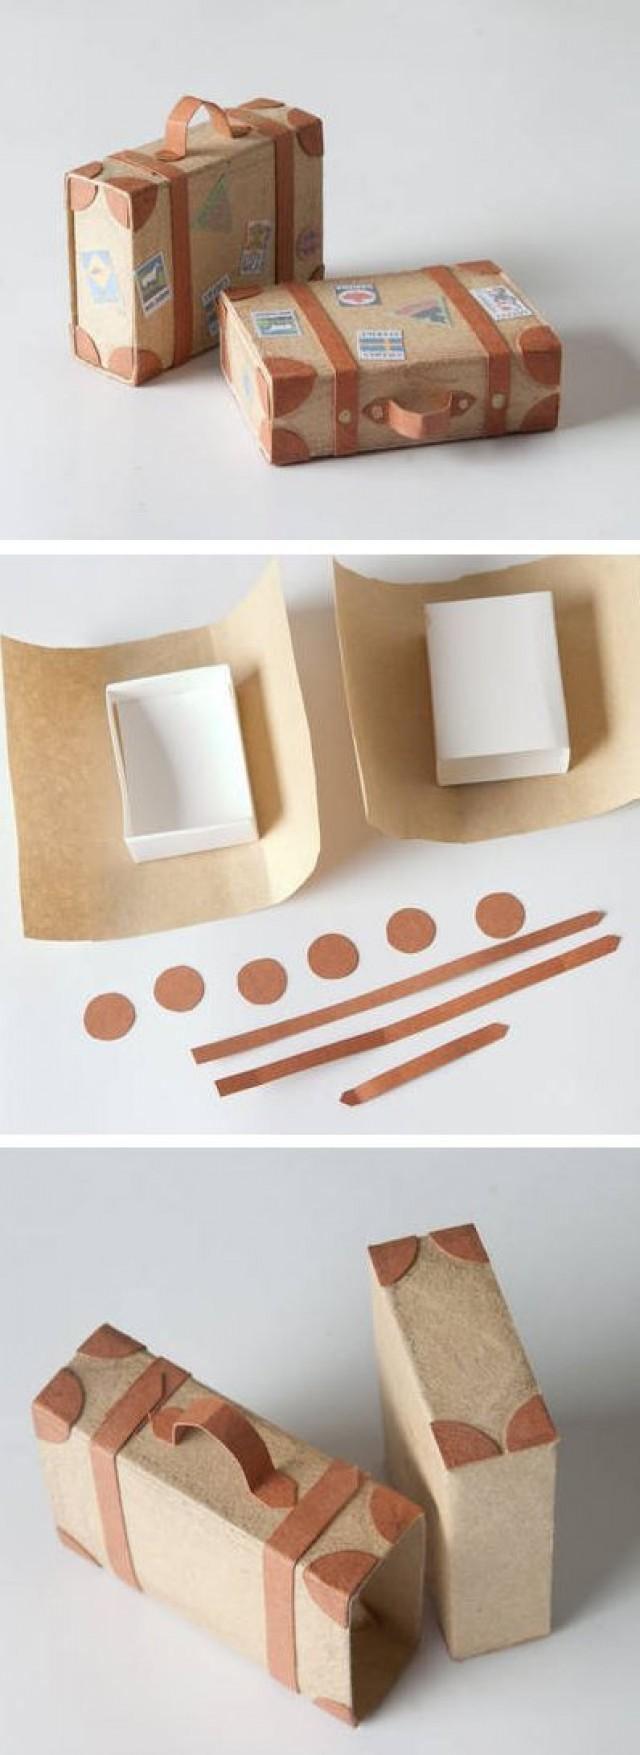 Подарок своими руками из спичечных коробков